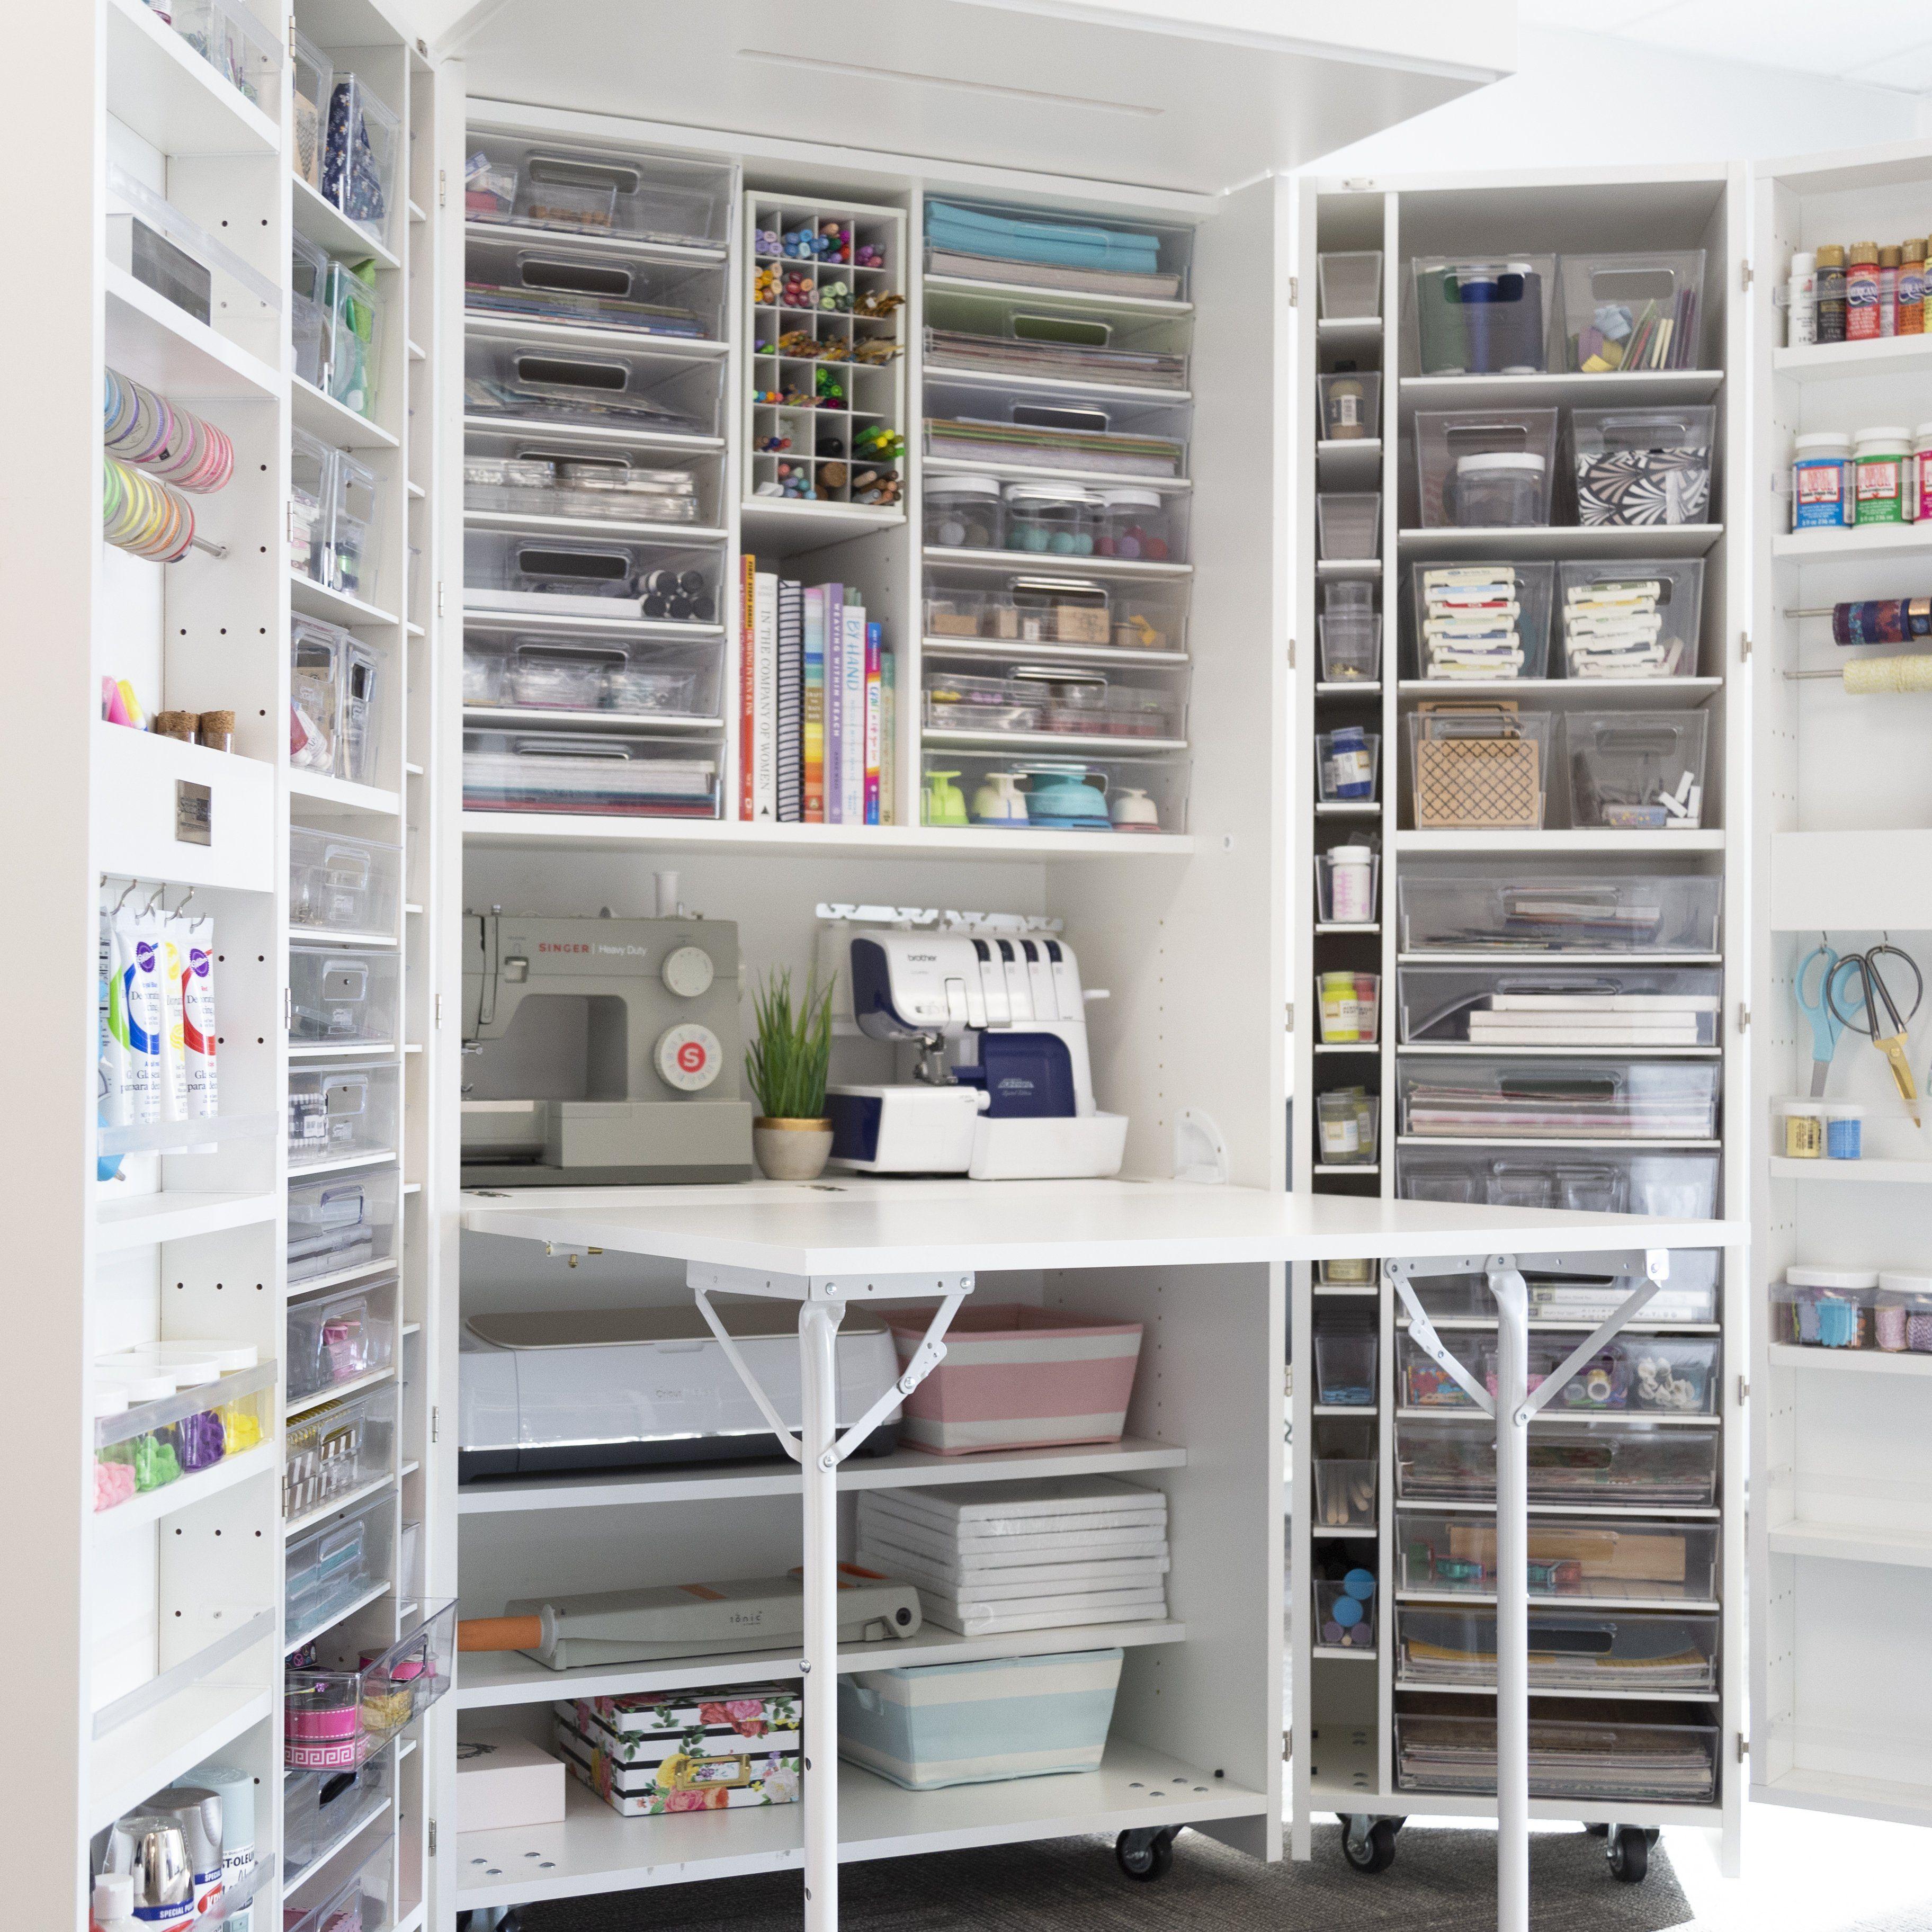 My Dreambox Arredamento creativo, Stanza del cucito e